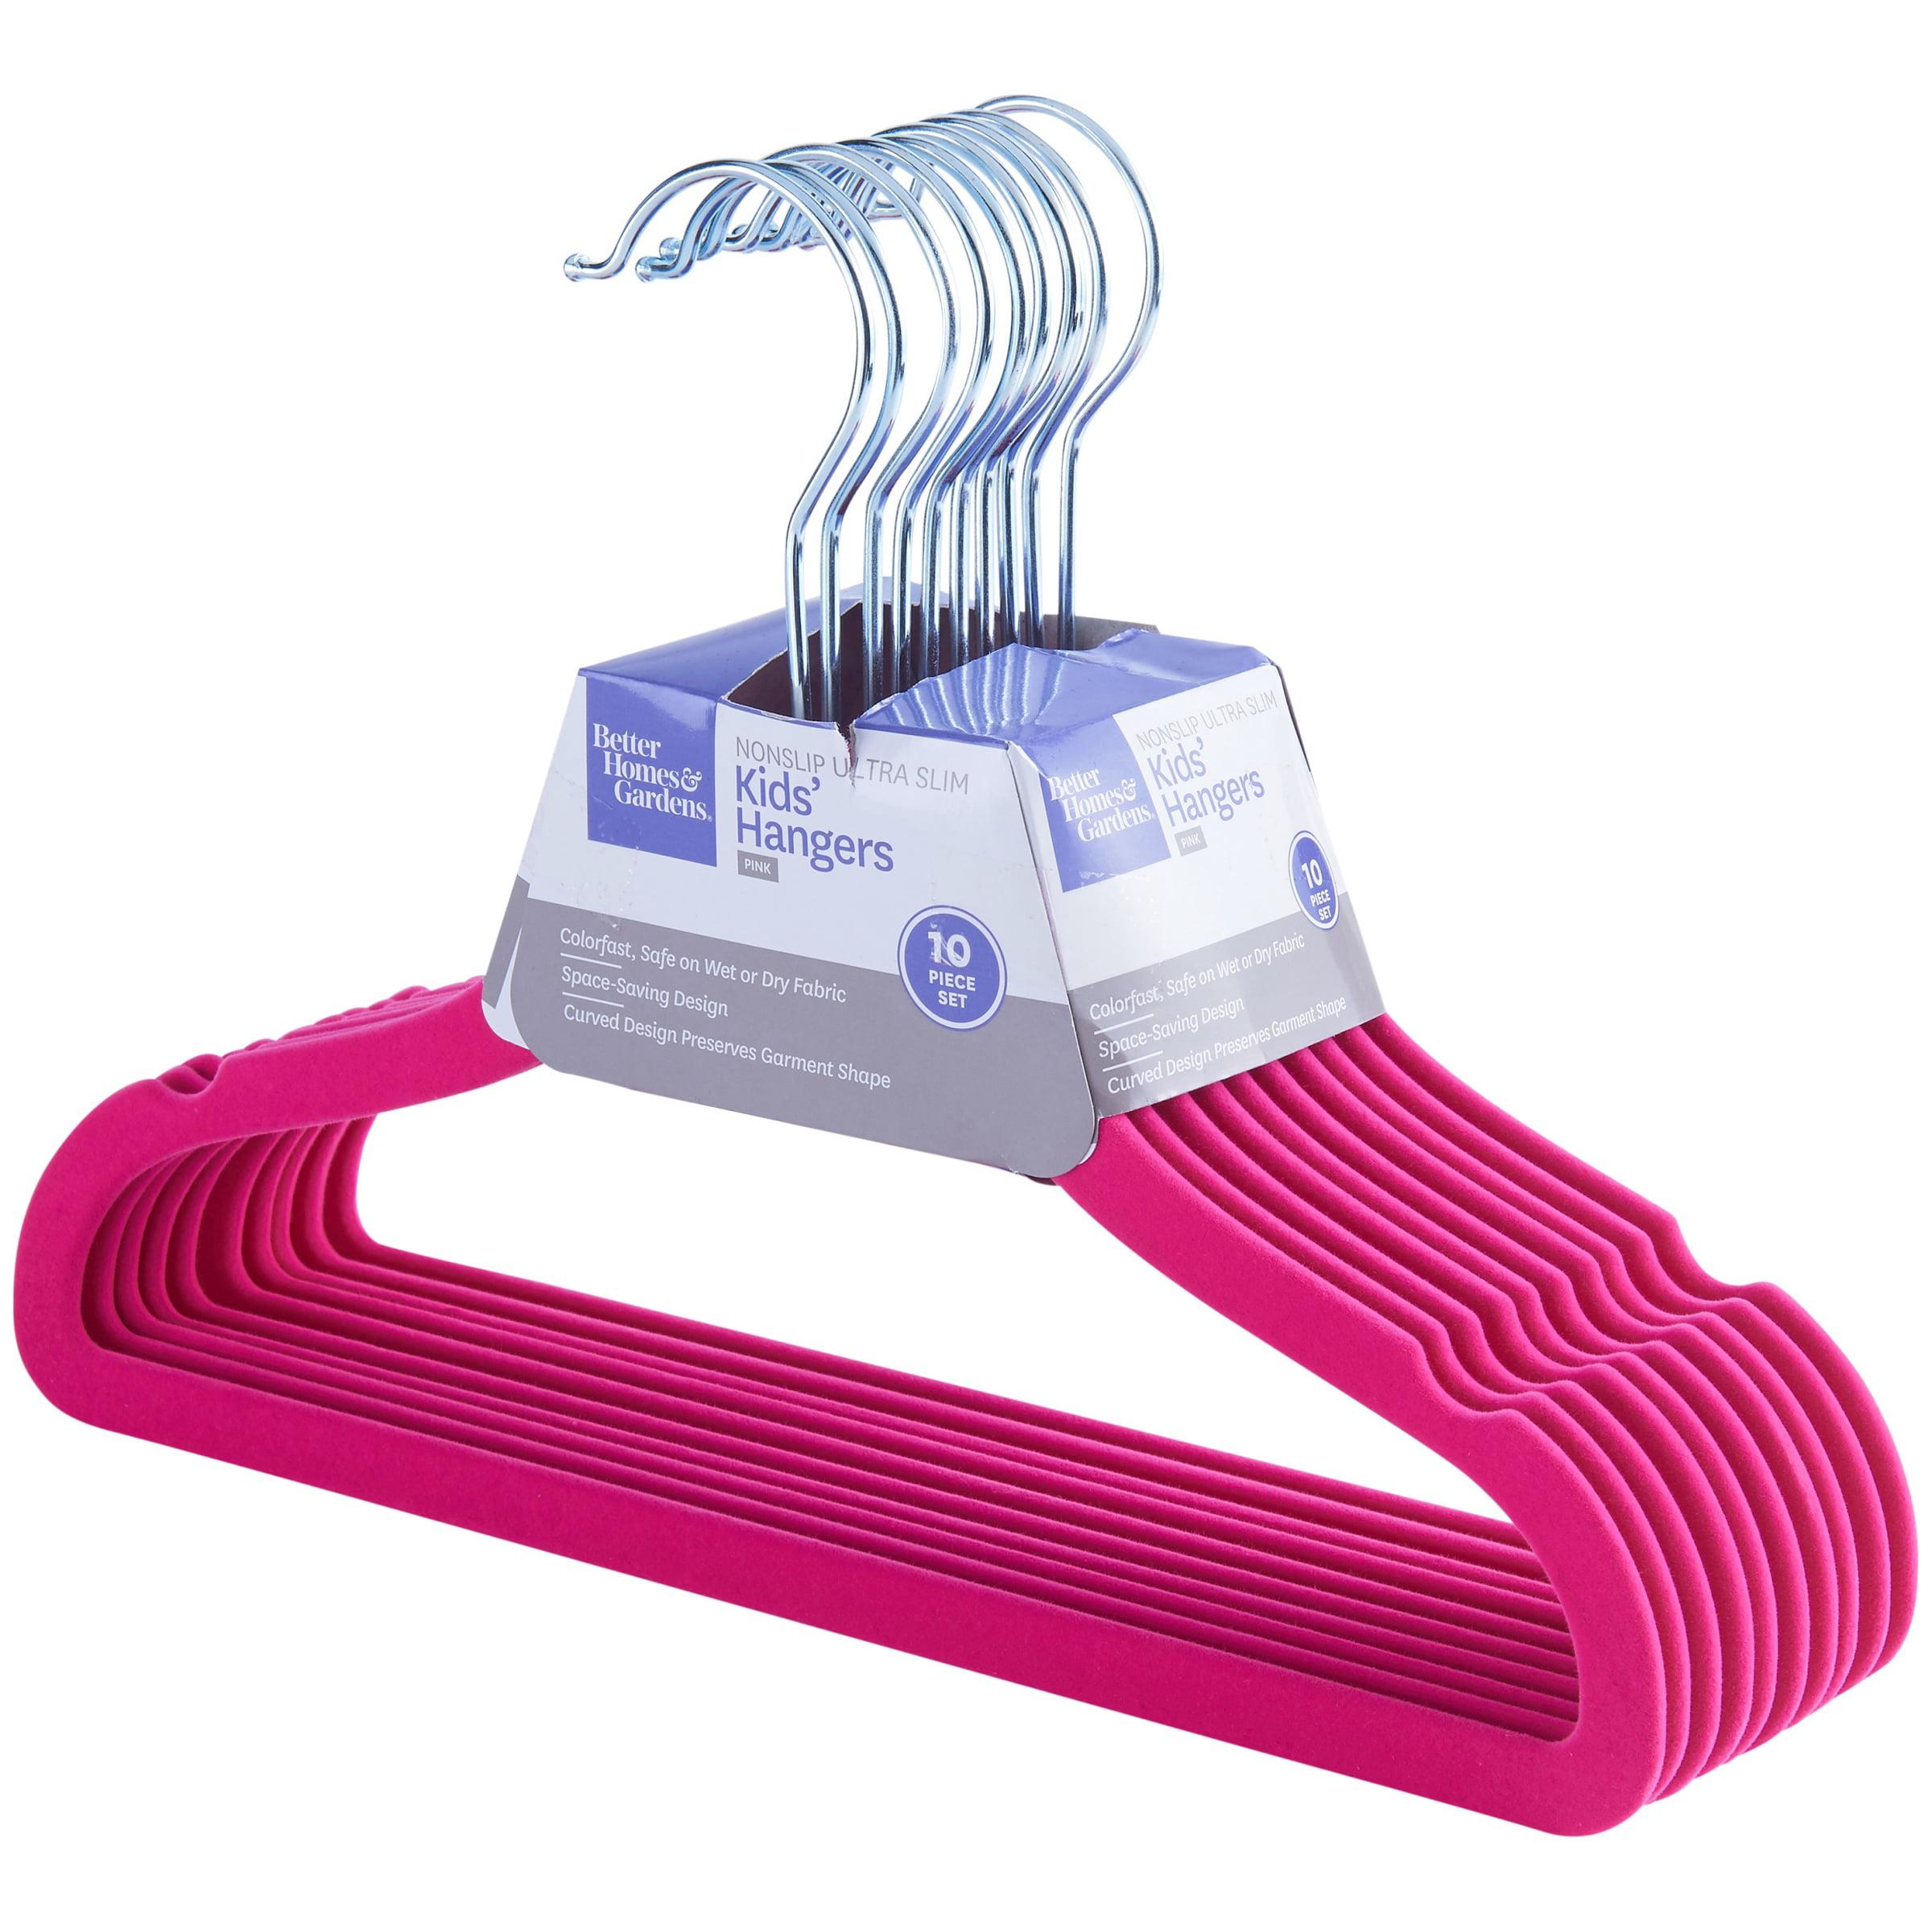 Better Homes & Gardens Nonslip Ultra Slim Kids' Hangers, 10 Pack, Pink